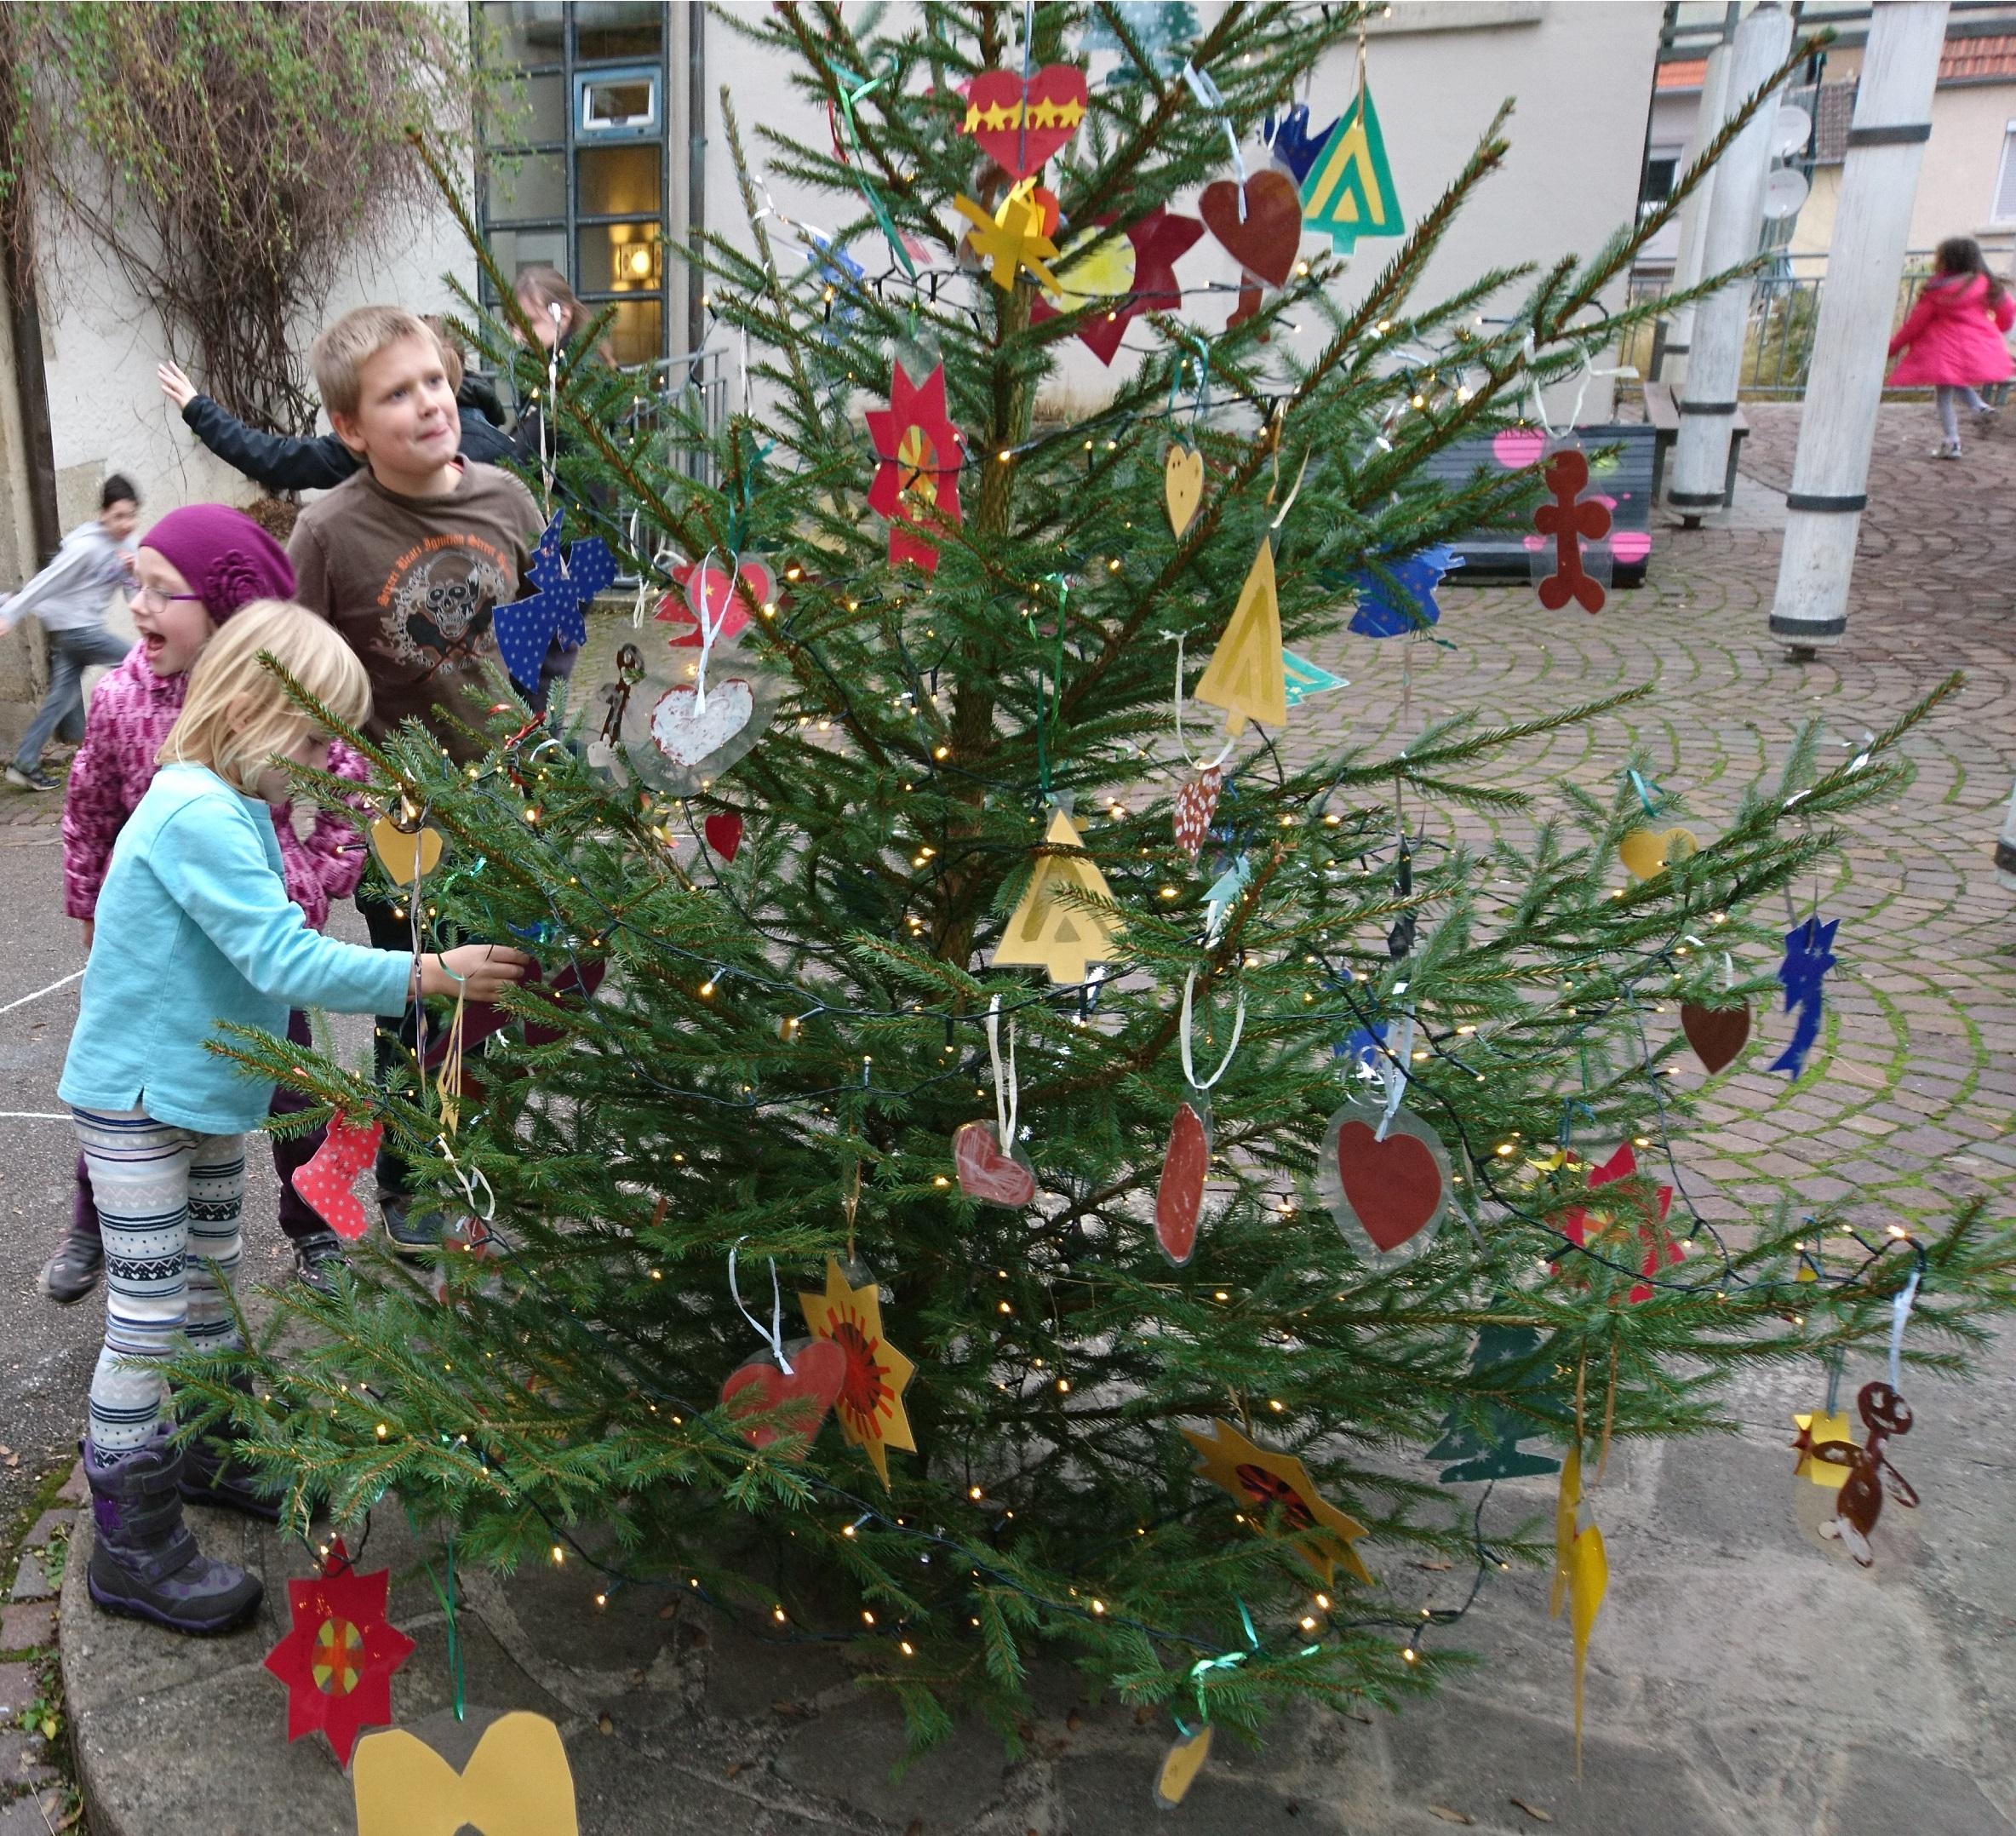 Warum Wird Der Weihnachtsbaum Geschmückt.Weihnachtsbaum Schmücken Schule Am Steinhaus